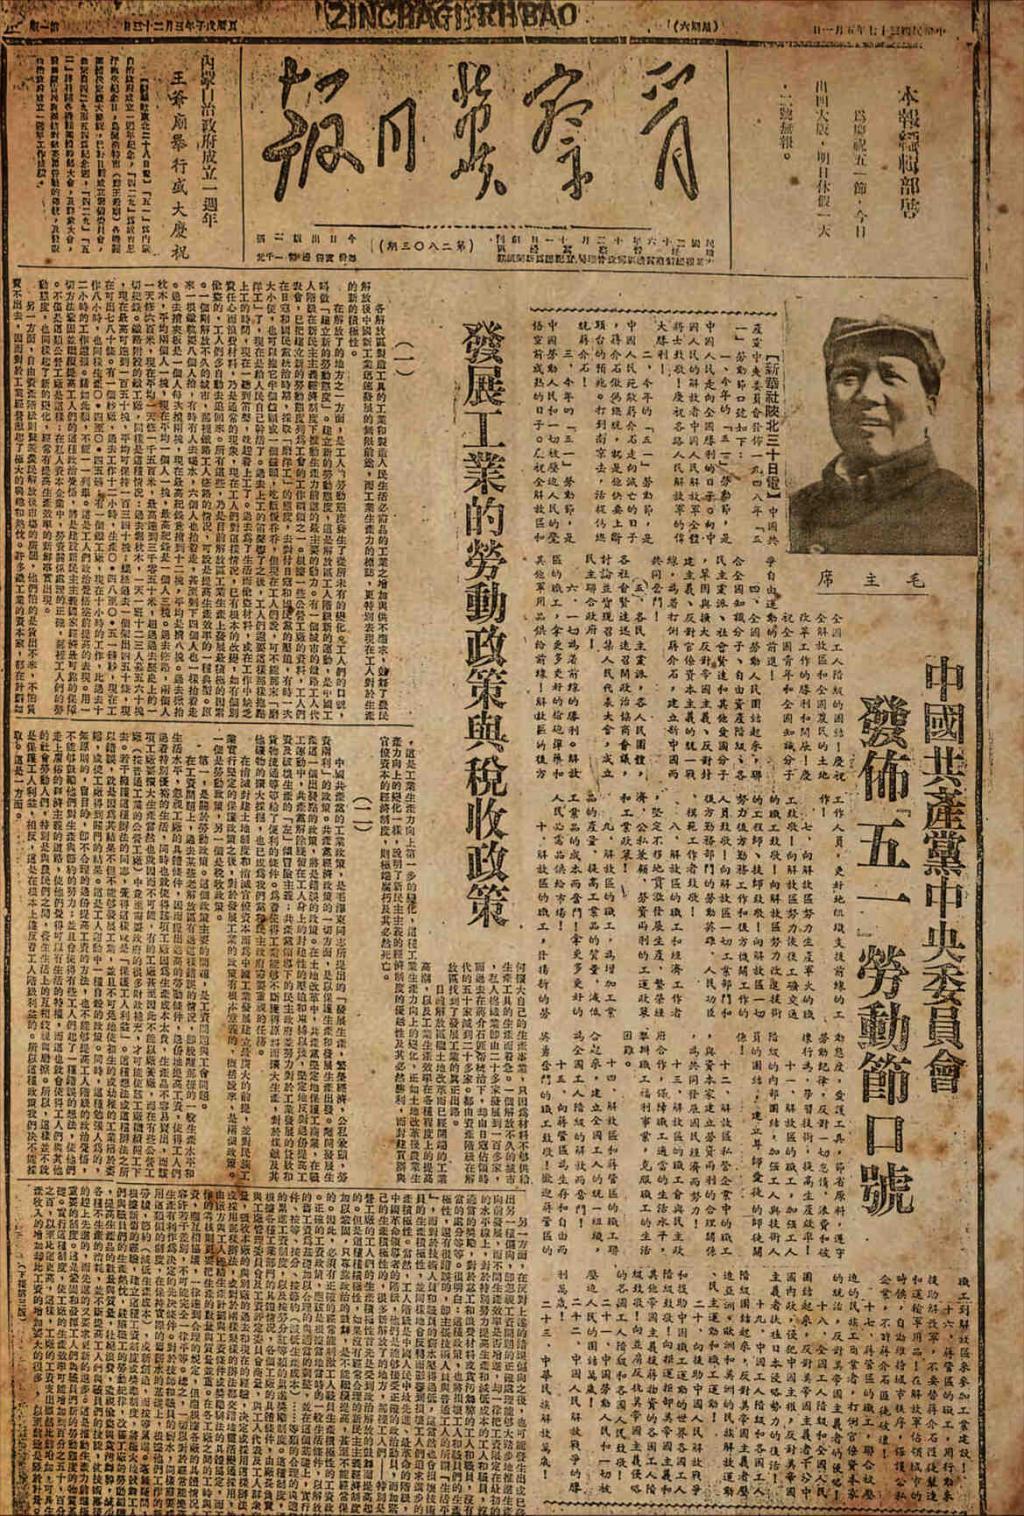 """【编者按】 2019 年是人民政协成立 70 周年。70 年来,人民政协伴随着新中国一起成长,经历了怎样一段艰辛历程,又取得了哪些伟大成就?两会期间,人民网联合中国政协文史馆,推出系列策划《政协往事》,第一期我们就从 1948 年中共中央发布 """" 五一口号 """" 说起。 1946 年,全面内战爆发,国民党当局打压民主人士,有的民主人士被软禁,甚至有人遭到暗杀,许多人转移到了香港,继续从事民主活动。 1948 年 4 月,在人民解放战争取得重大胜利的形势下,中共中央发布纪念 """" 五一 """" 劳动节口号,"""